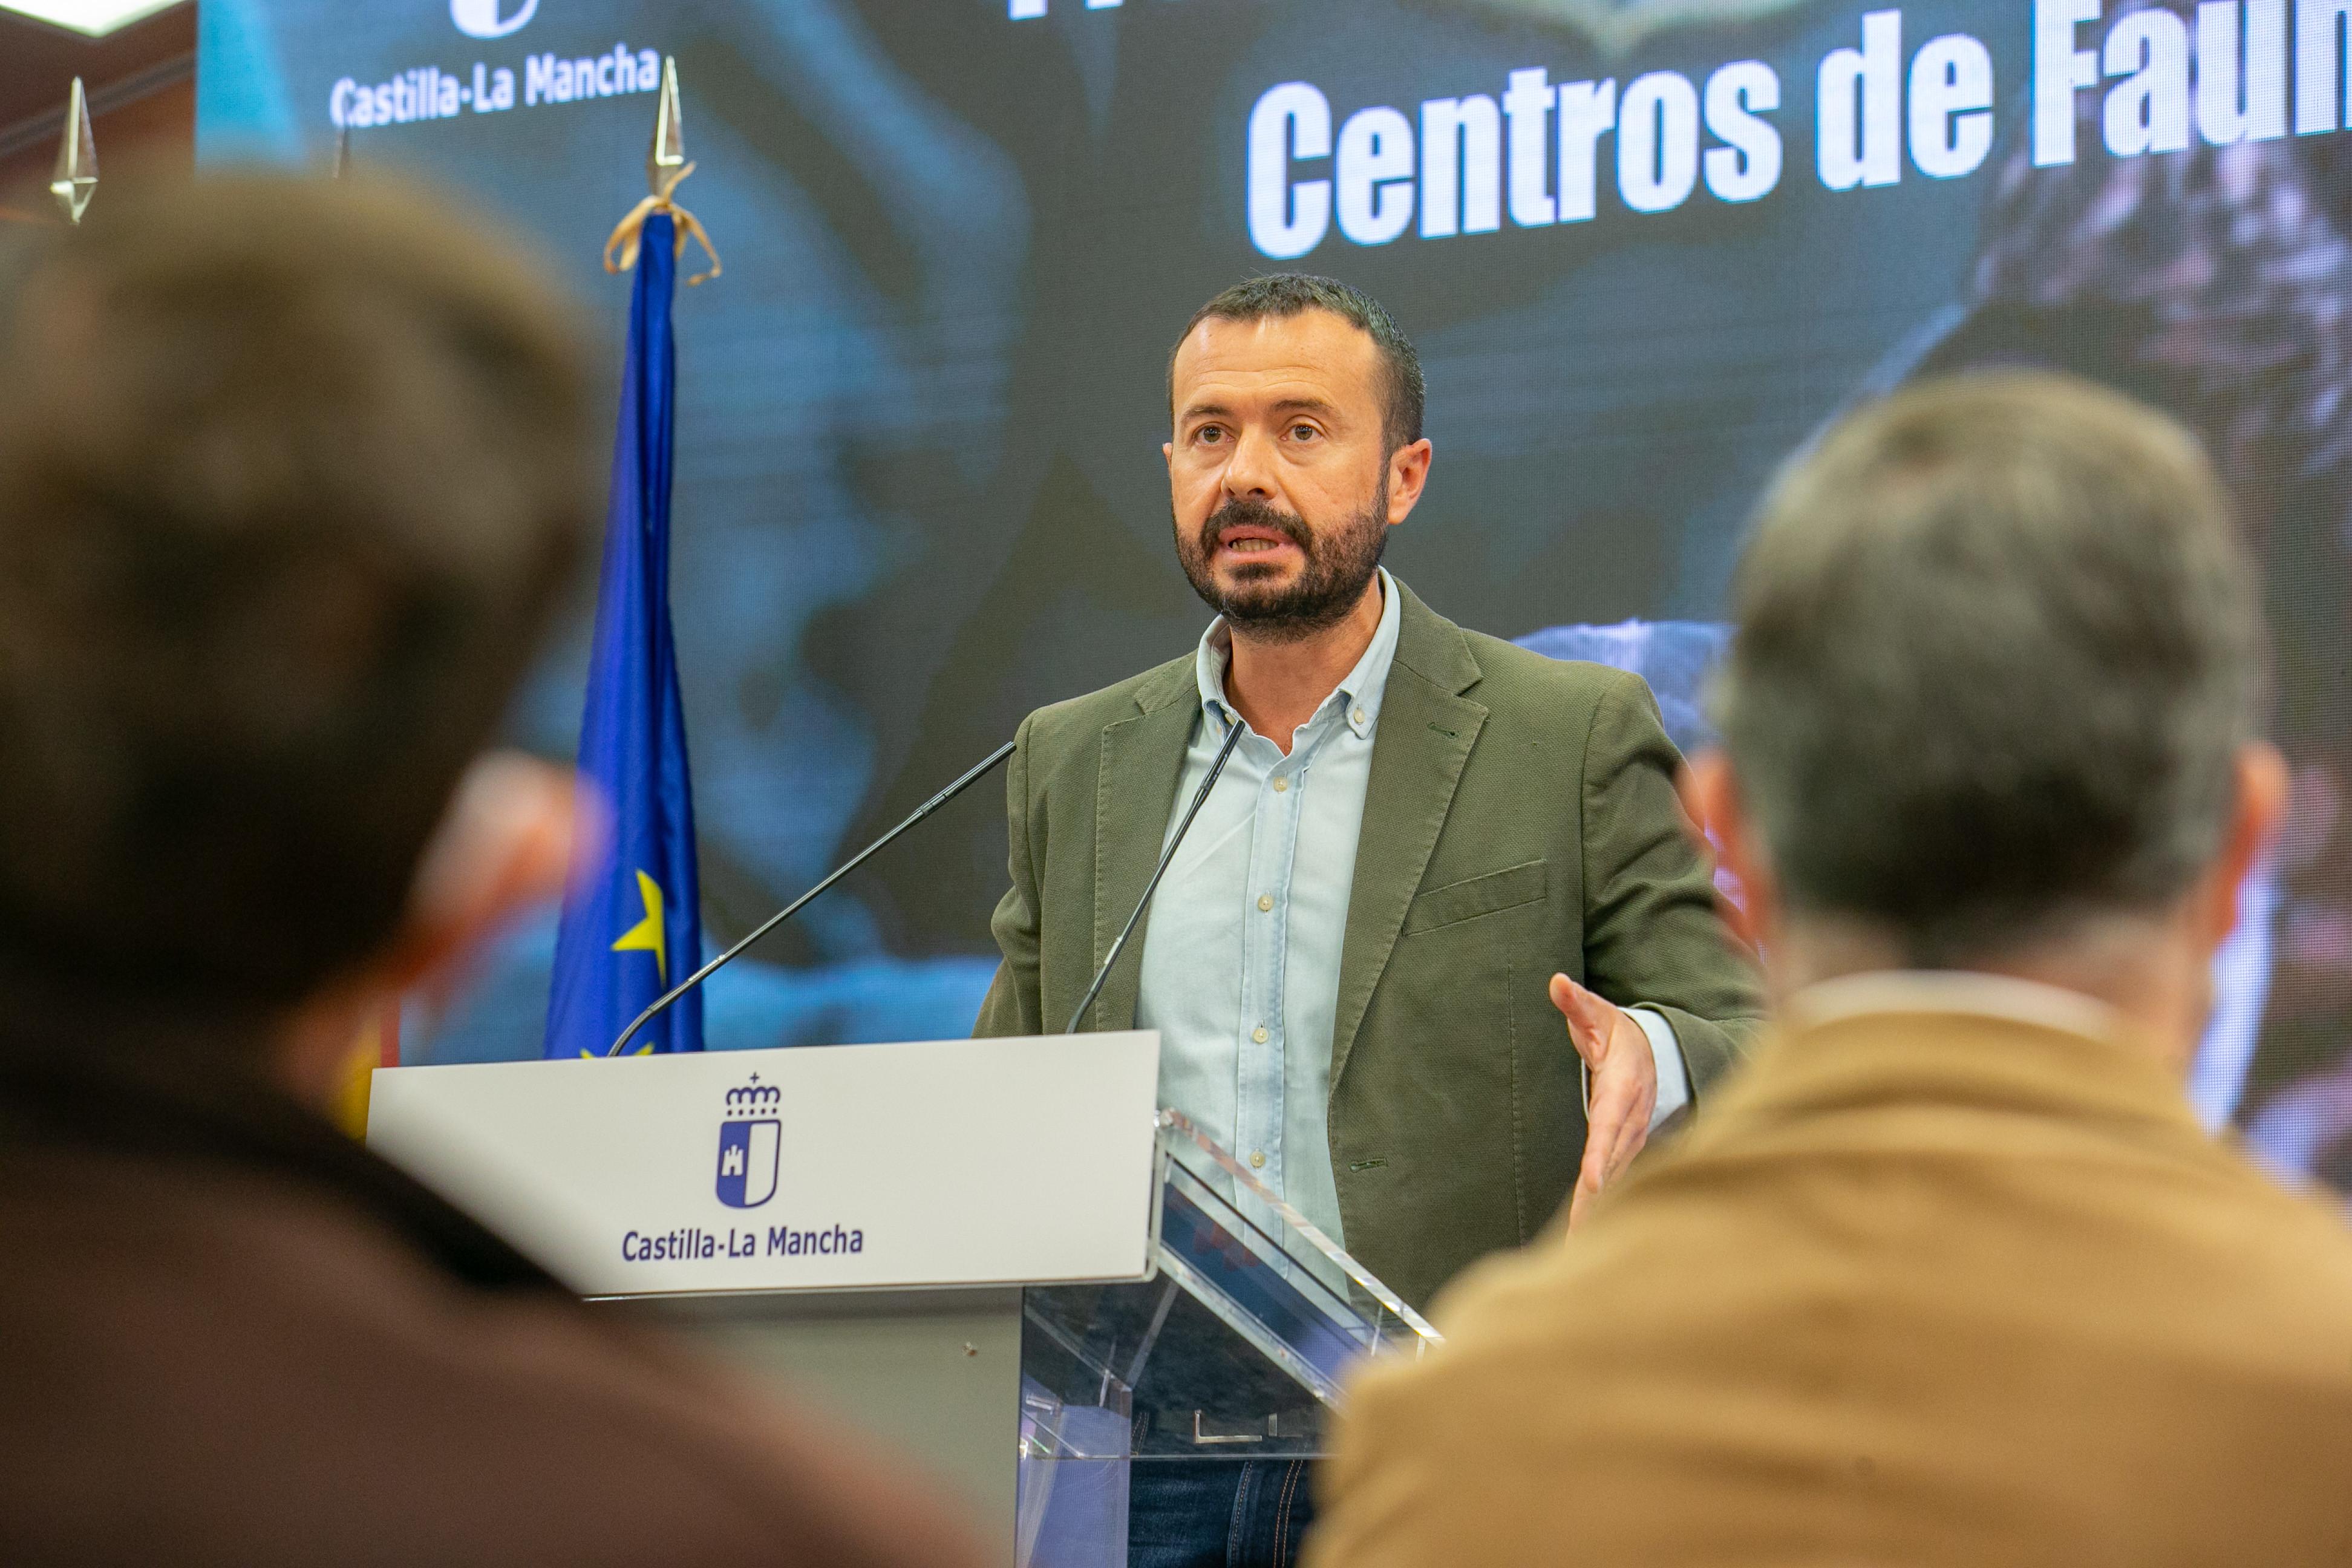 Visita al CERI y presentación del Plan regional de centros de fauna silvestre de CLM (Desarrollo Sostenible)